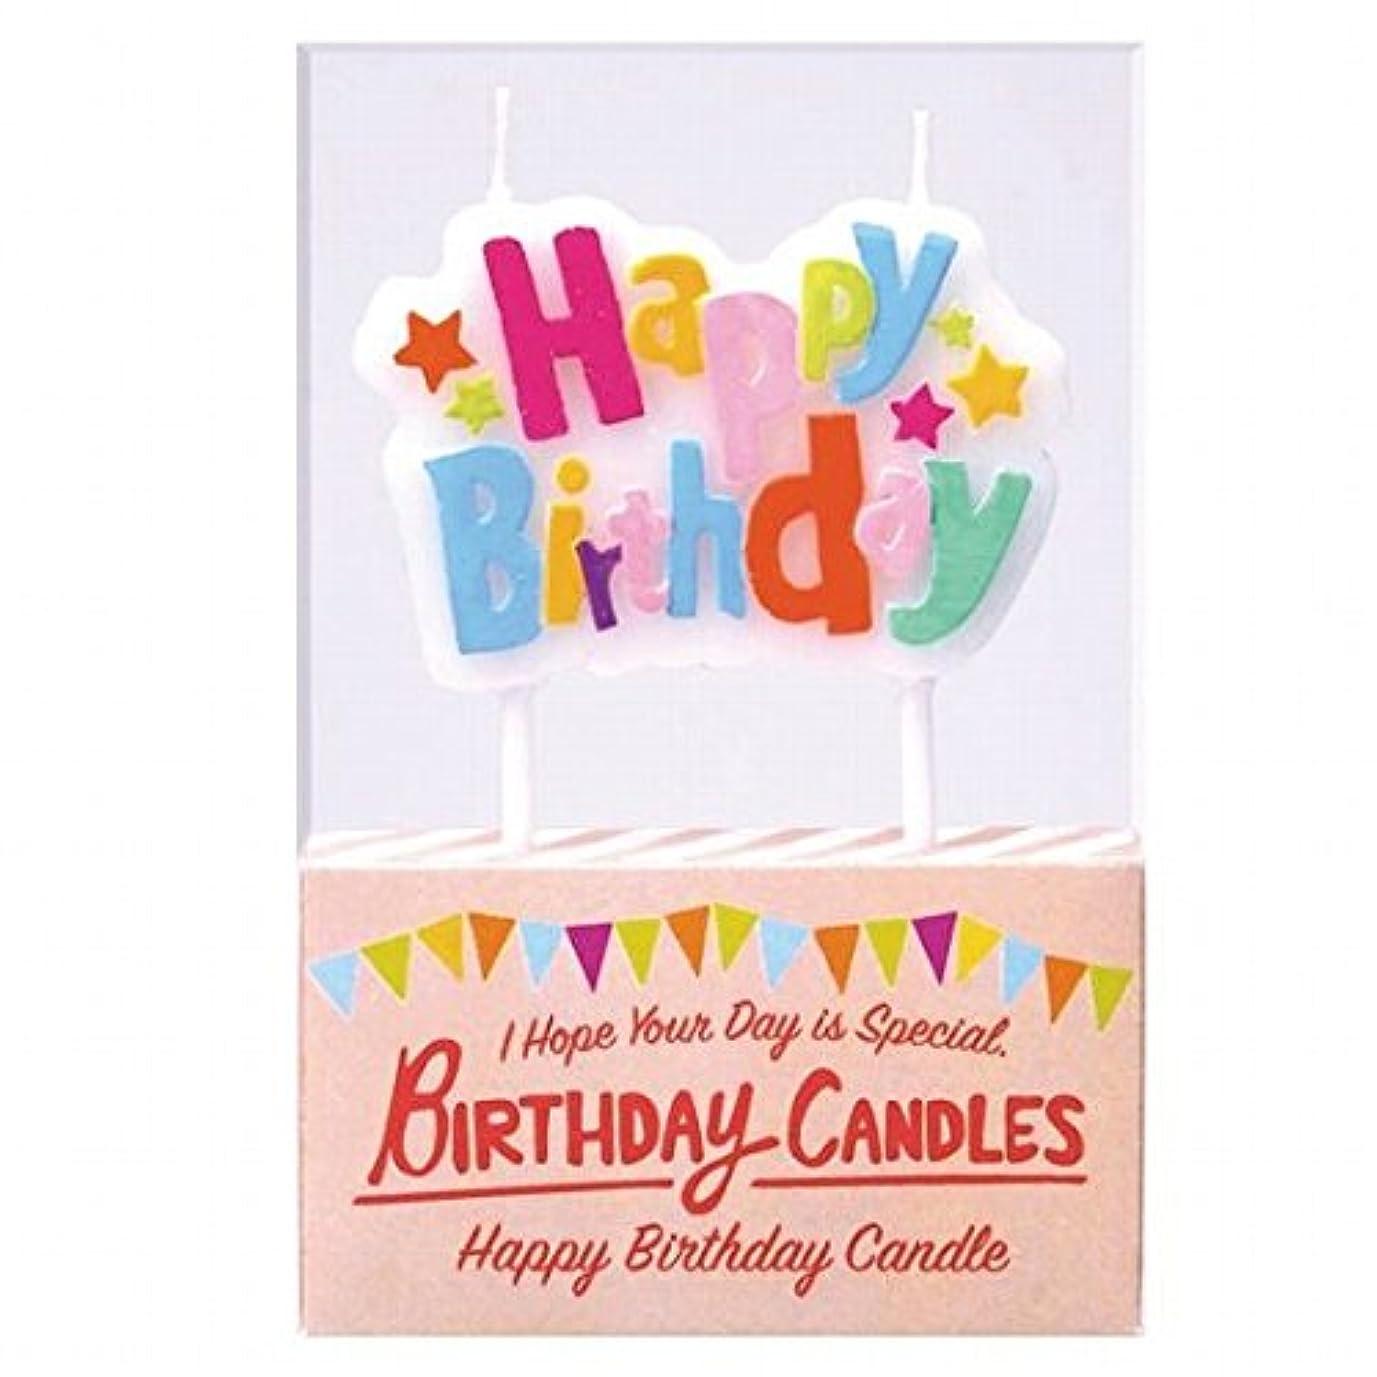 バース建てる対話カメヤマキャンドル(kameyama candle) バースデーケーキ用キャンドル 「 ハッピーバースデー 」